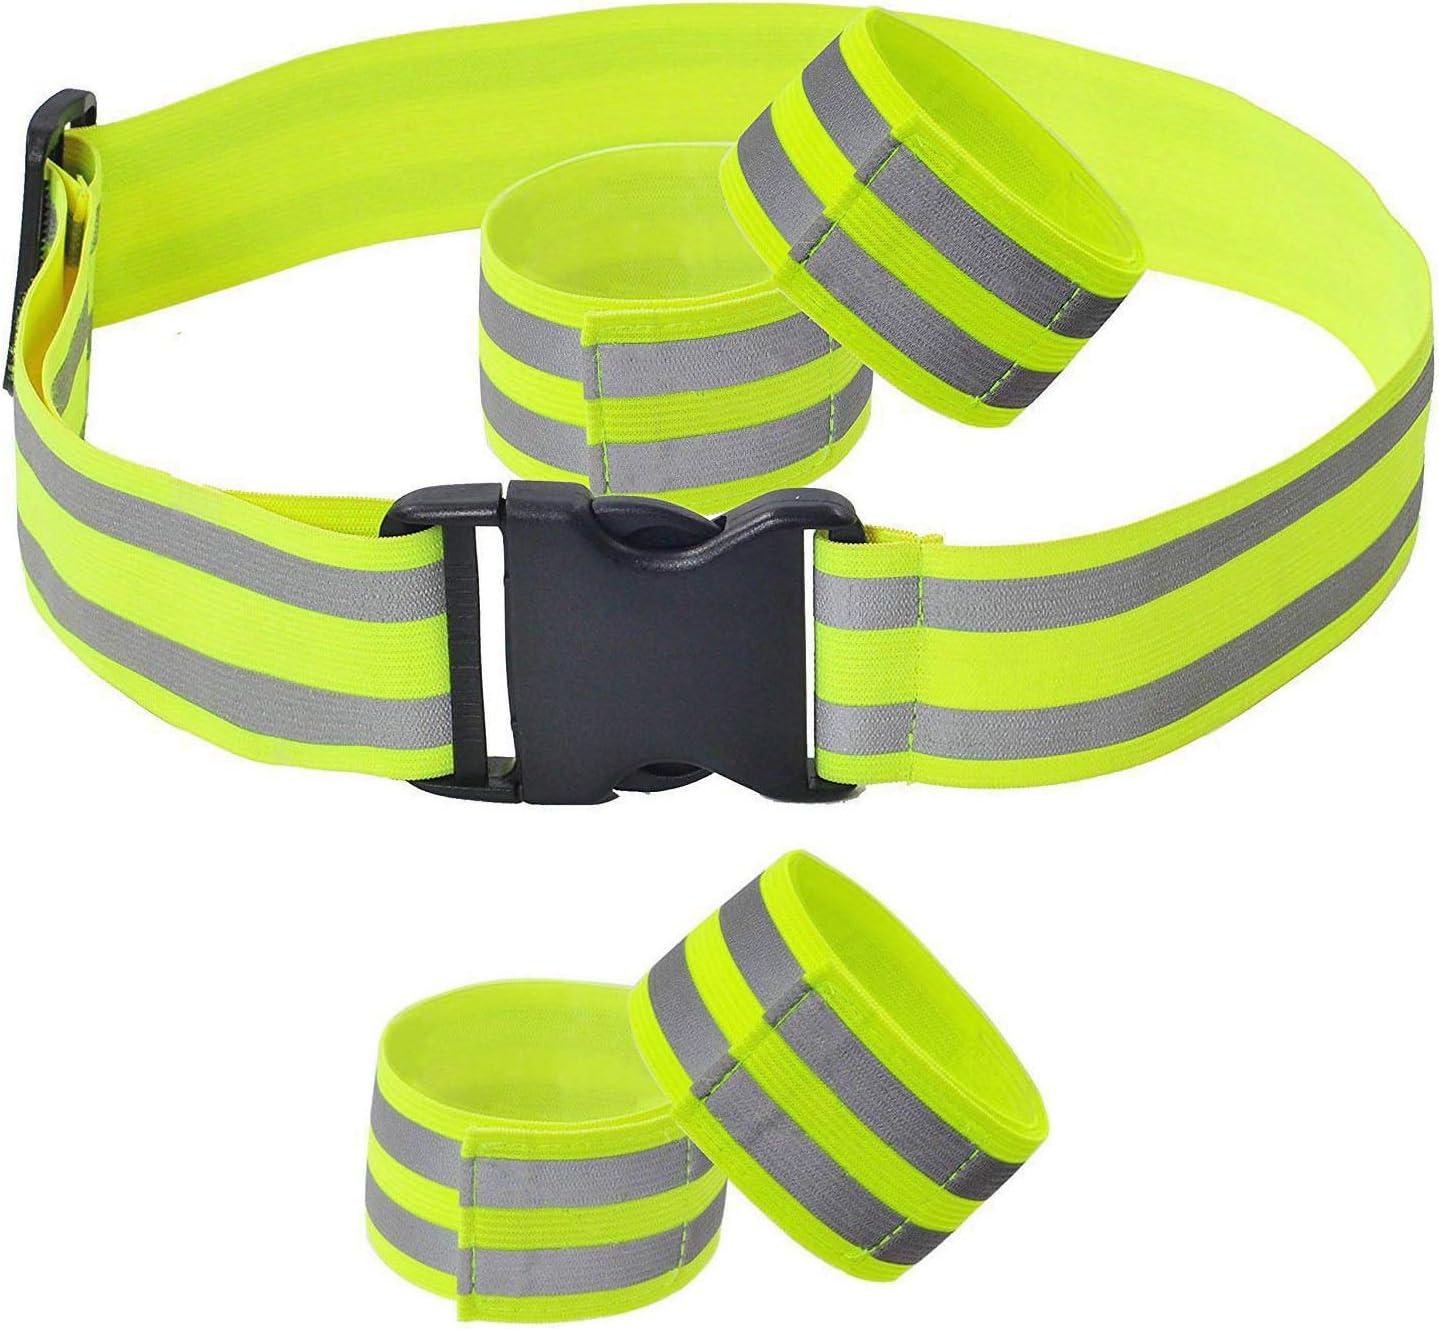 5pcs Ceinture R/éfl/échissante S/écurit/é Ensemble 4X Bracelet /Élastique et 1x Ceinture Extensible R/églable pour Jogging Sport Cyclisme Ext/érieur